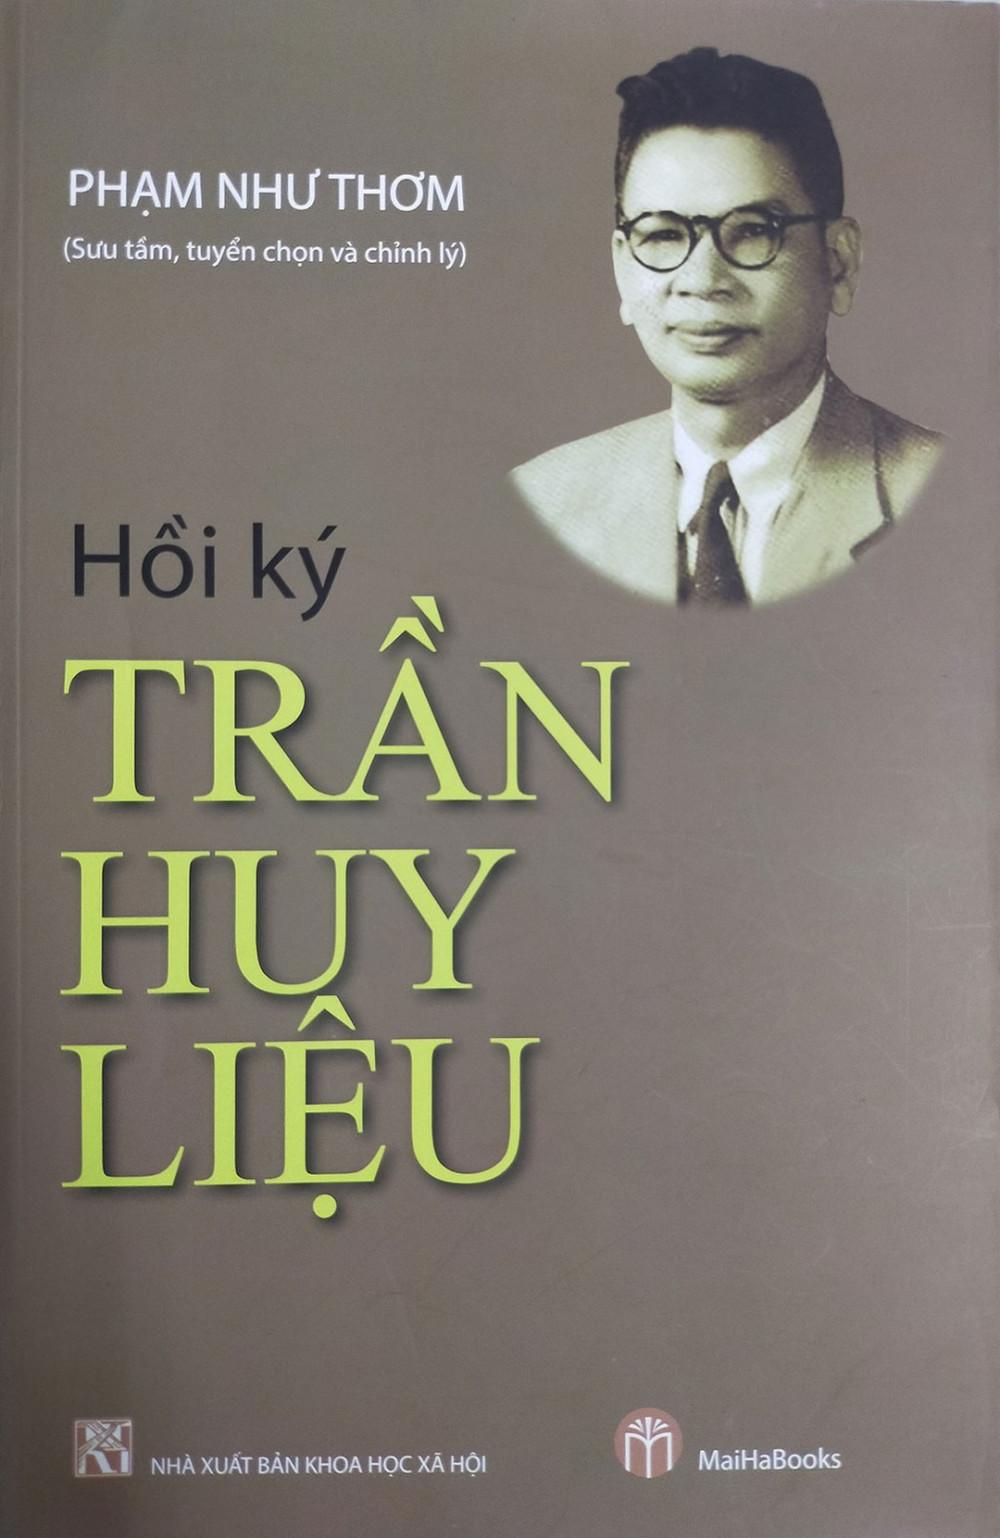 Cuốn Hồi ký Trần Huy Liệu (ảnh) do Phạm Như Thơm sưu tầm, tuyển chọn và chỉnh lý, Nhà xuất bản Khoa học Xã hội mới tái bản và ra mắt bạn đọc.